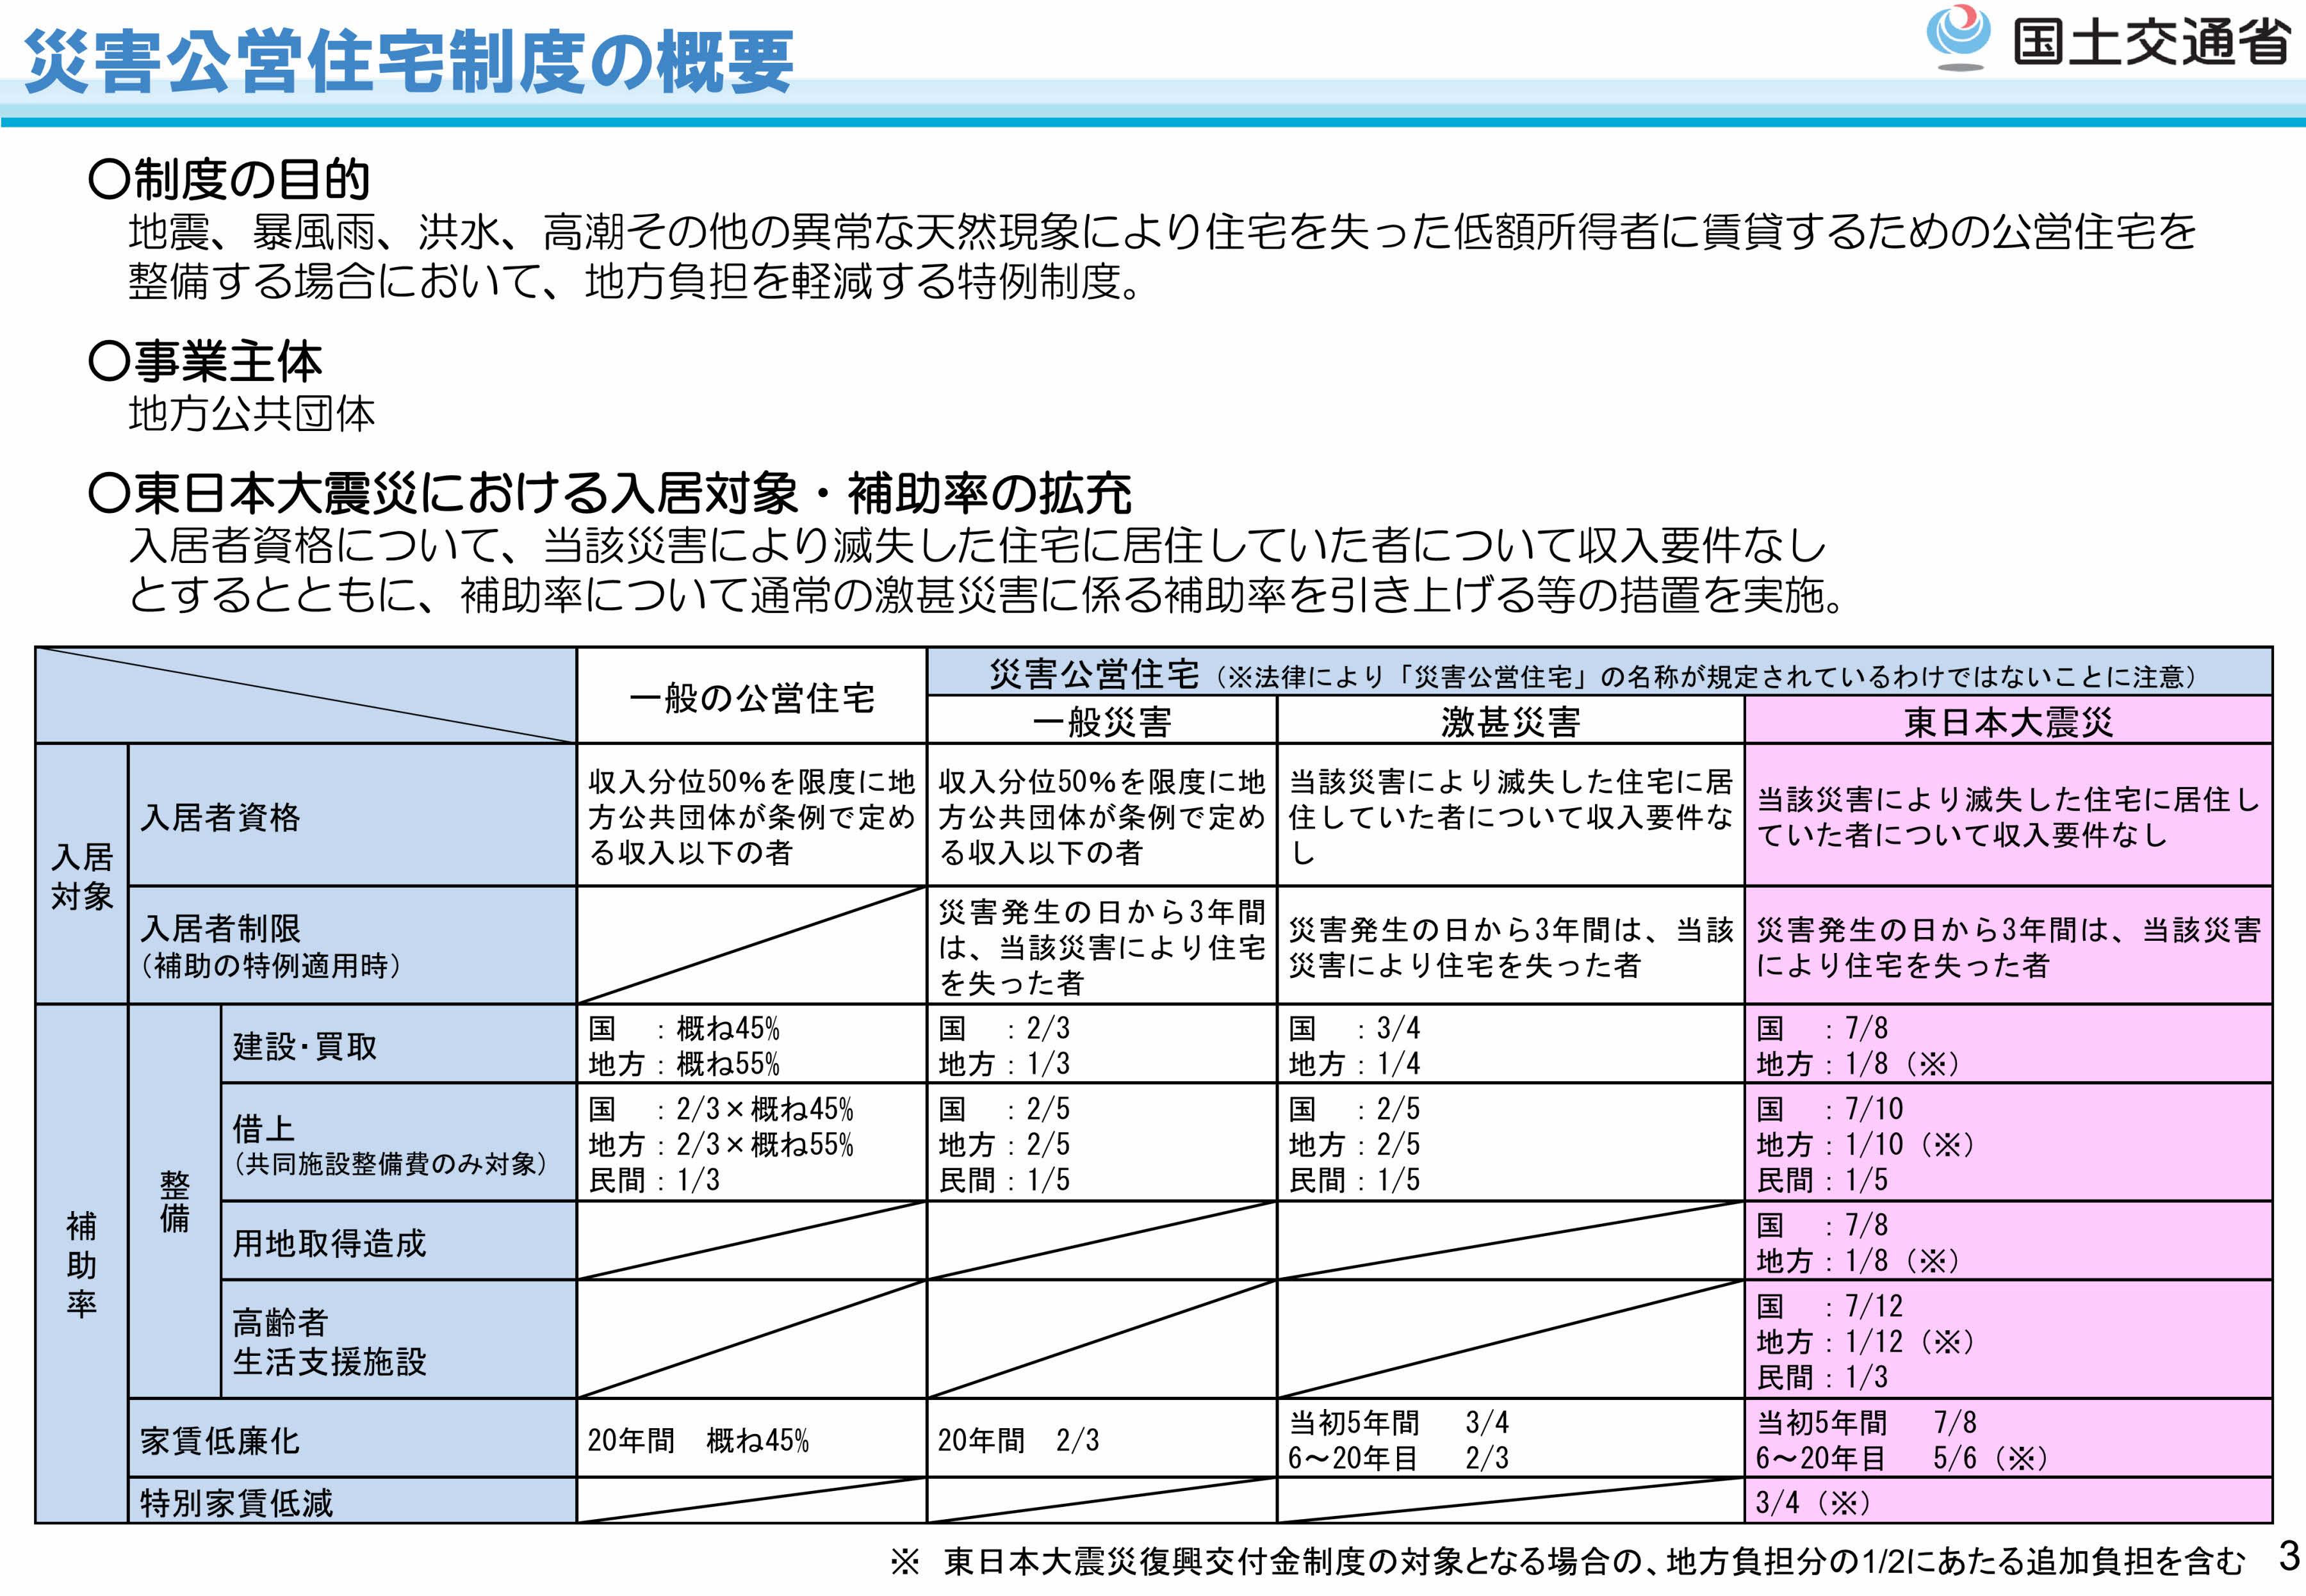 災害公営住宅制度の概要(東日本版)26年5月国交省_page003